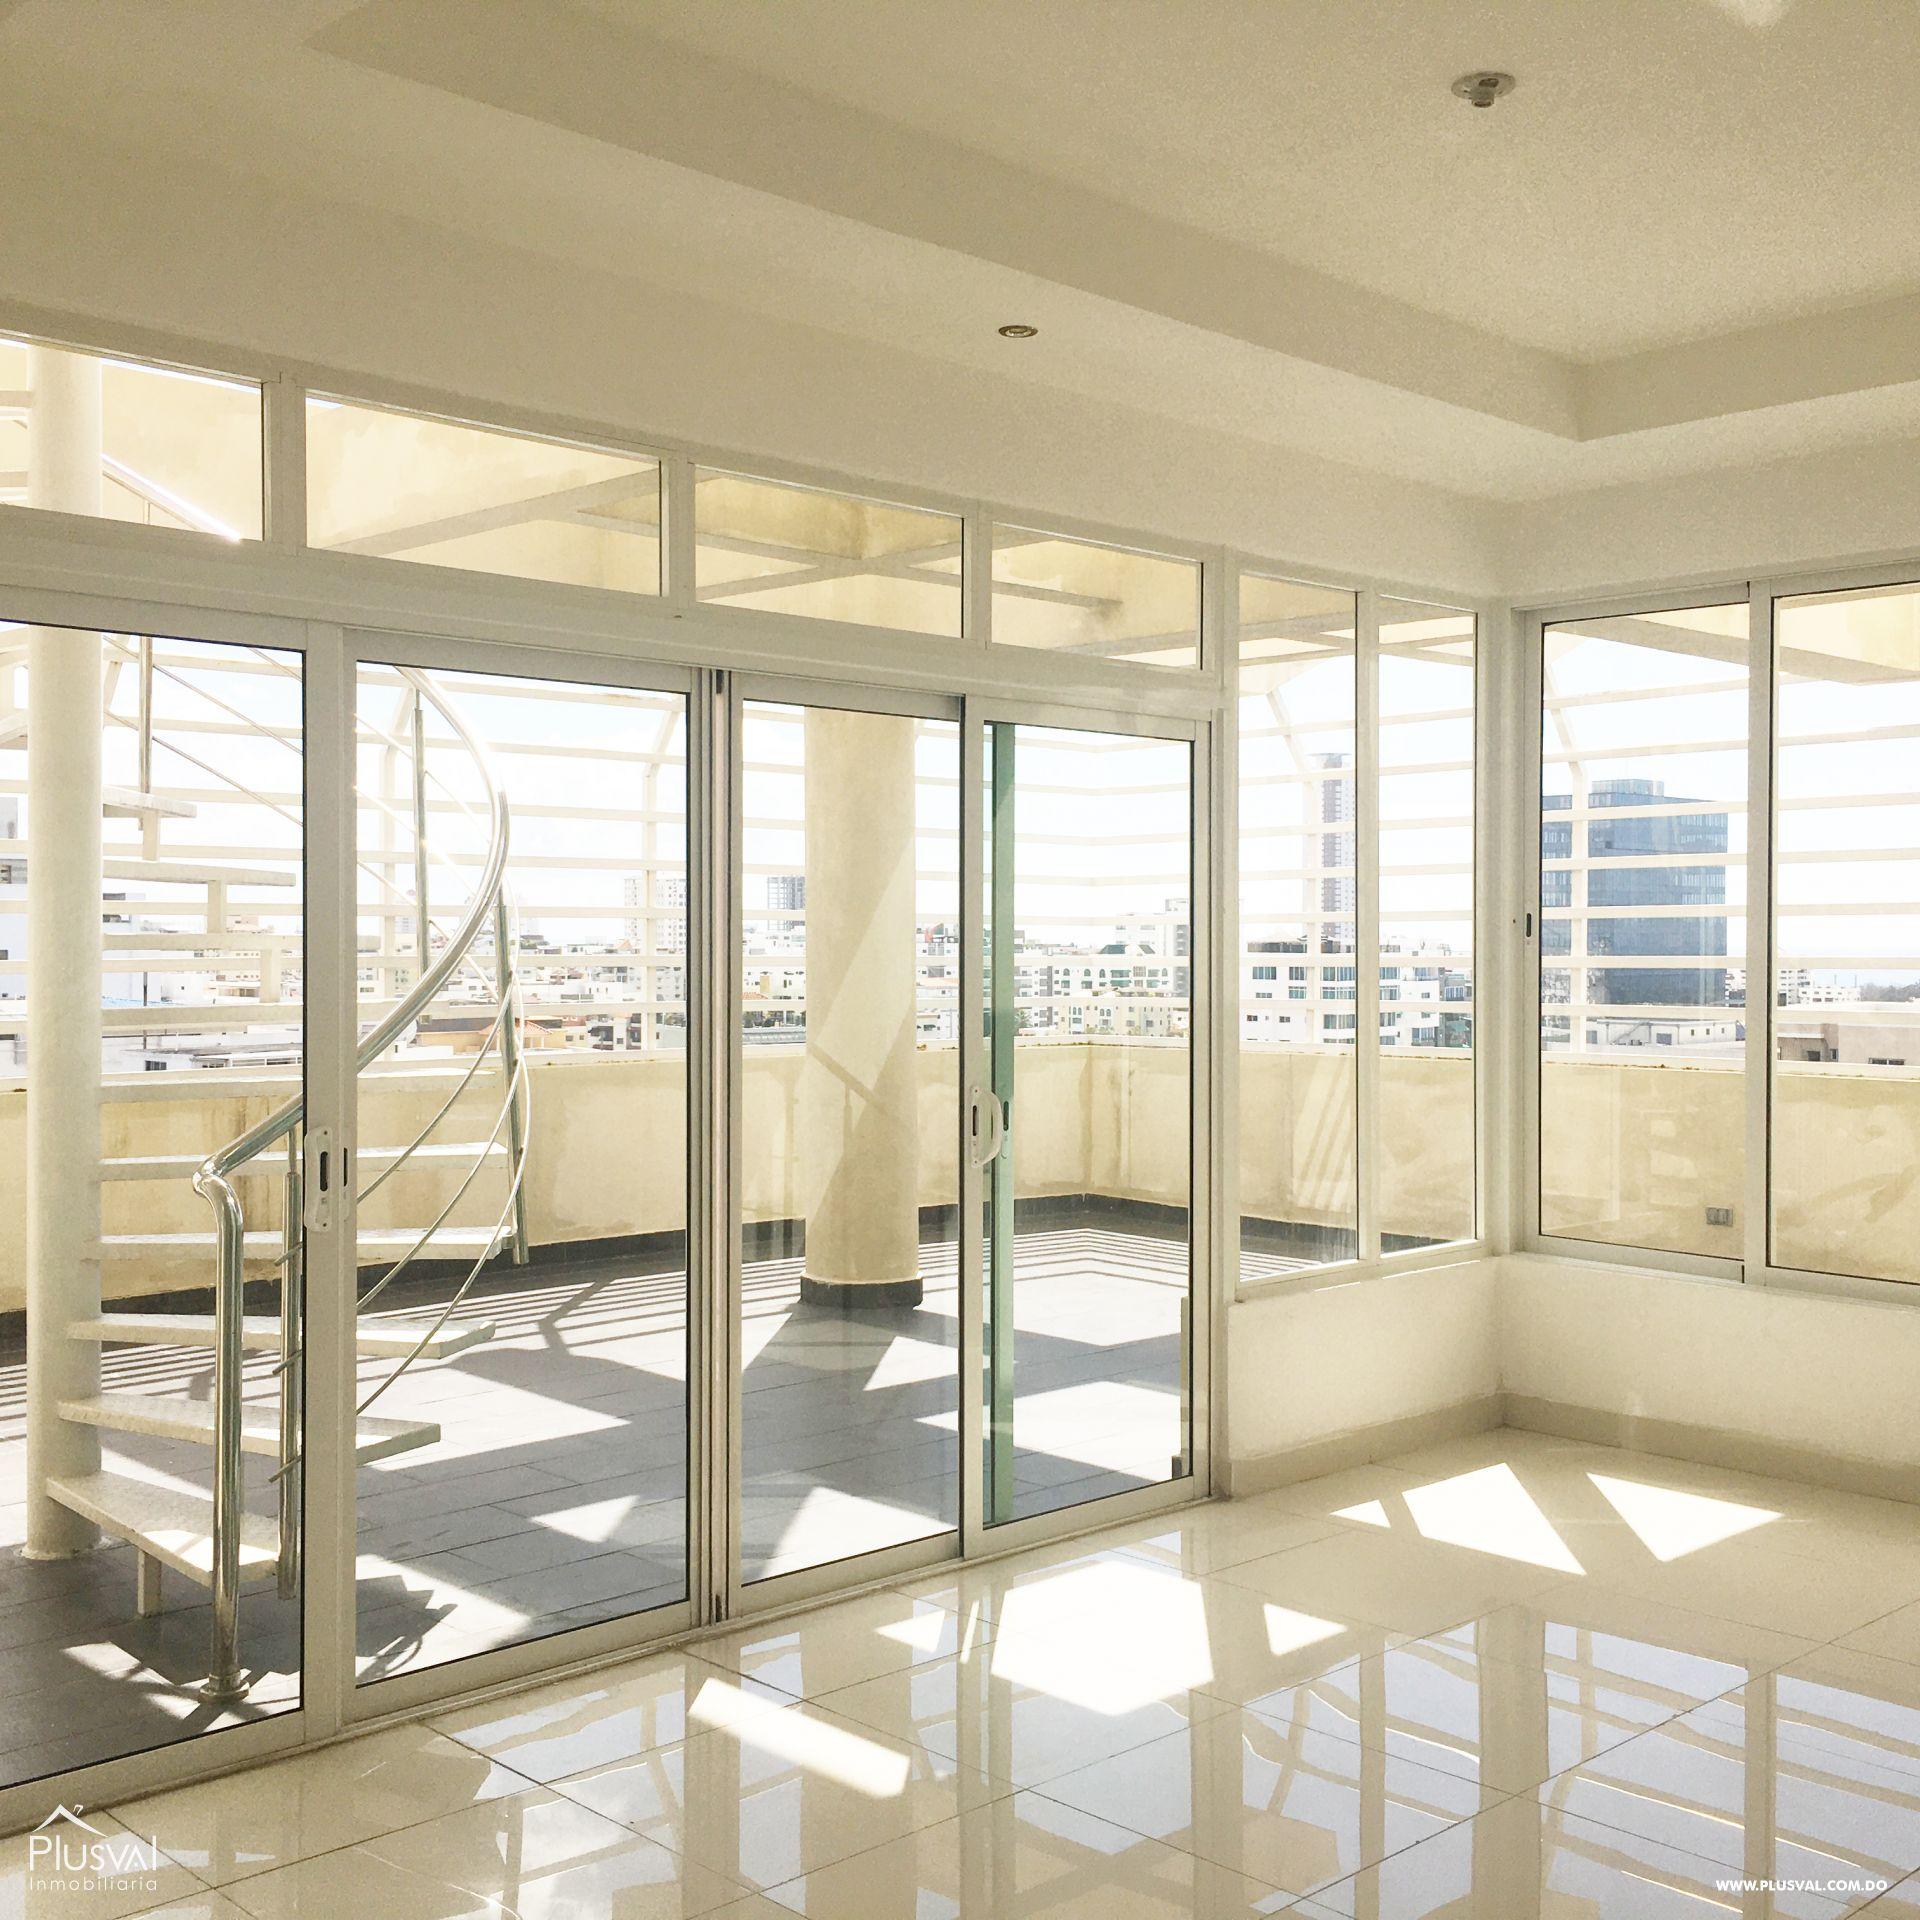 Penthouse en venta, Mirador Norte 169511